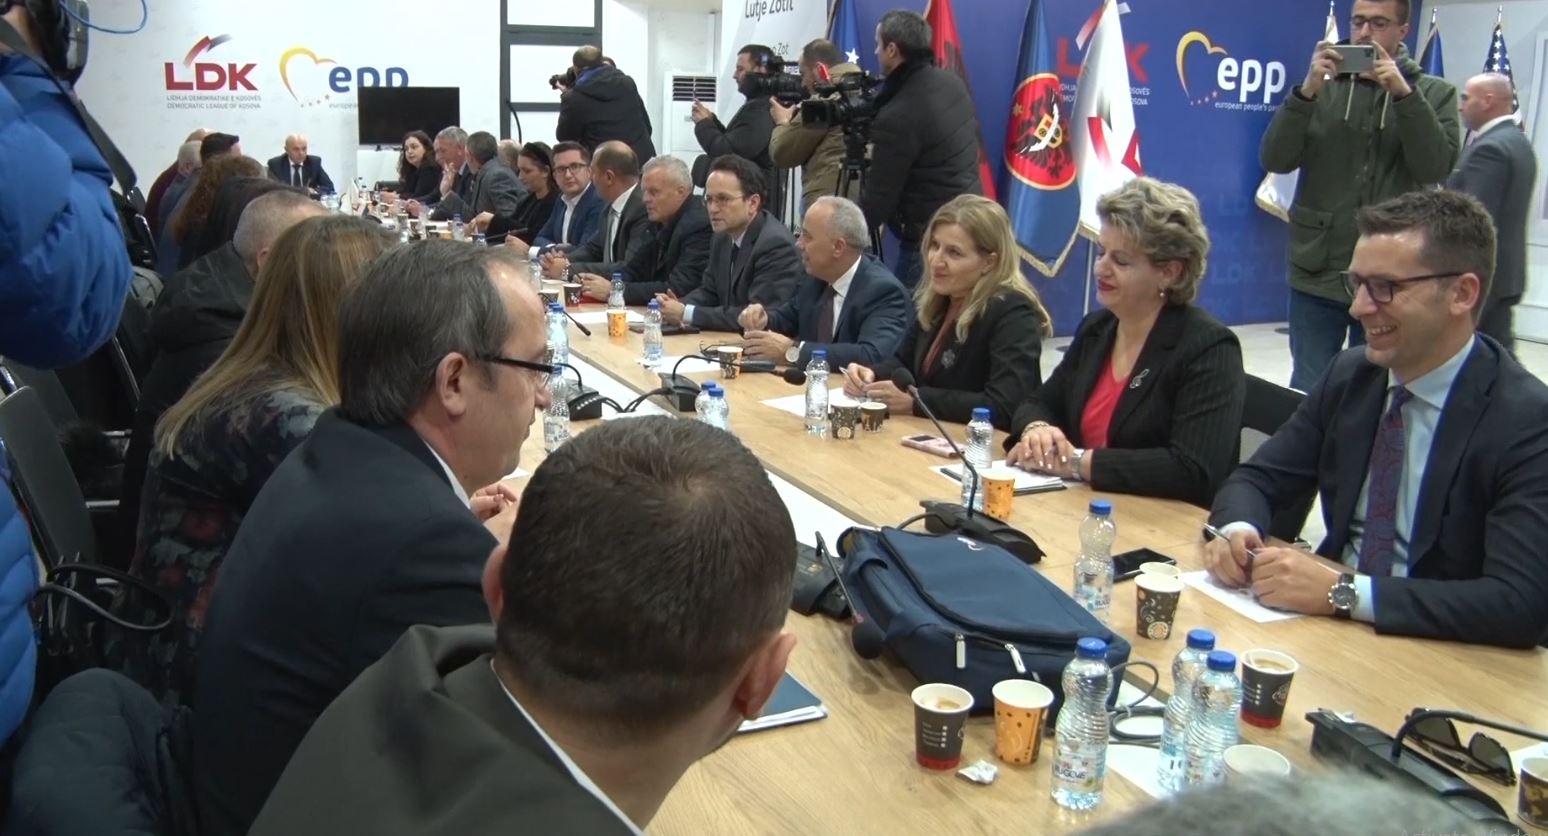 Ende asnjë shenjë për krijimin e qeverisë së re në Kosovë